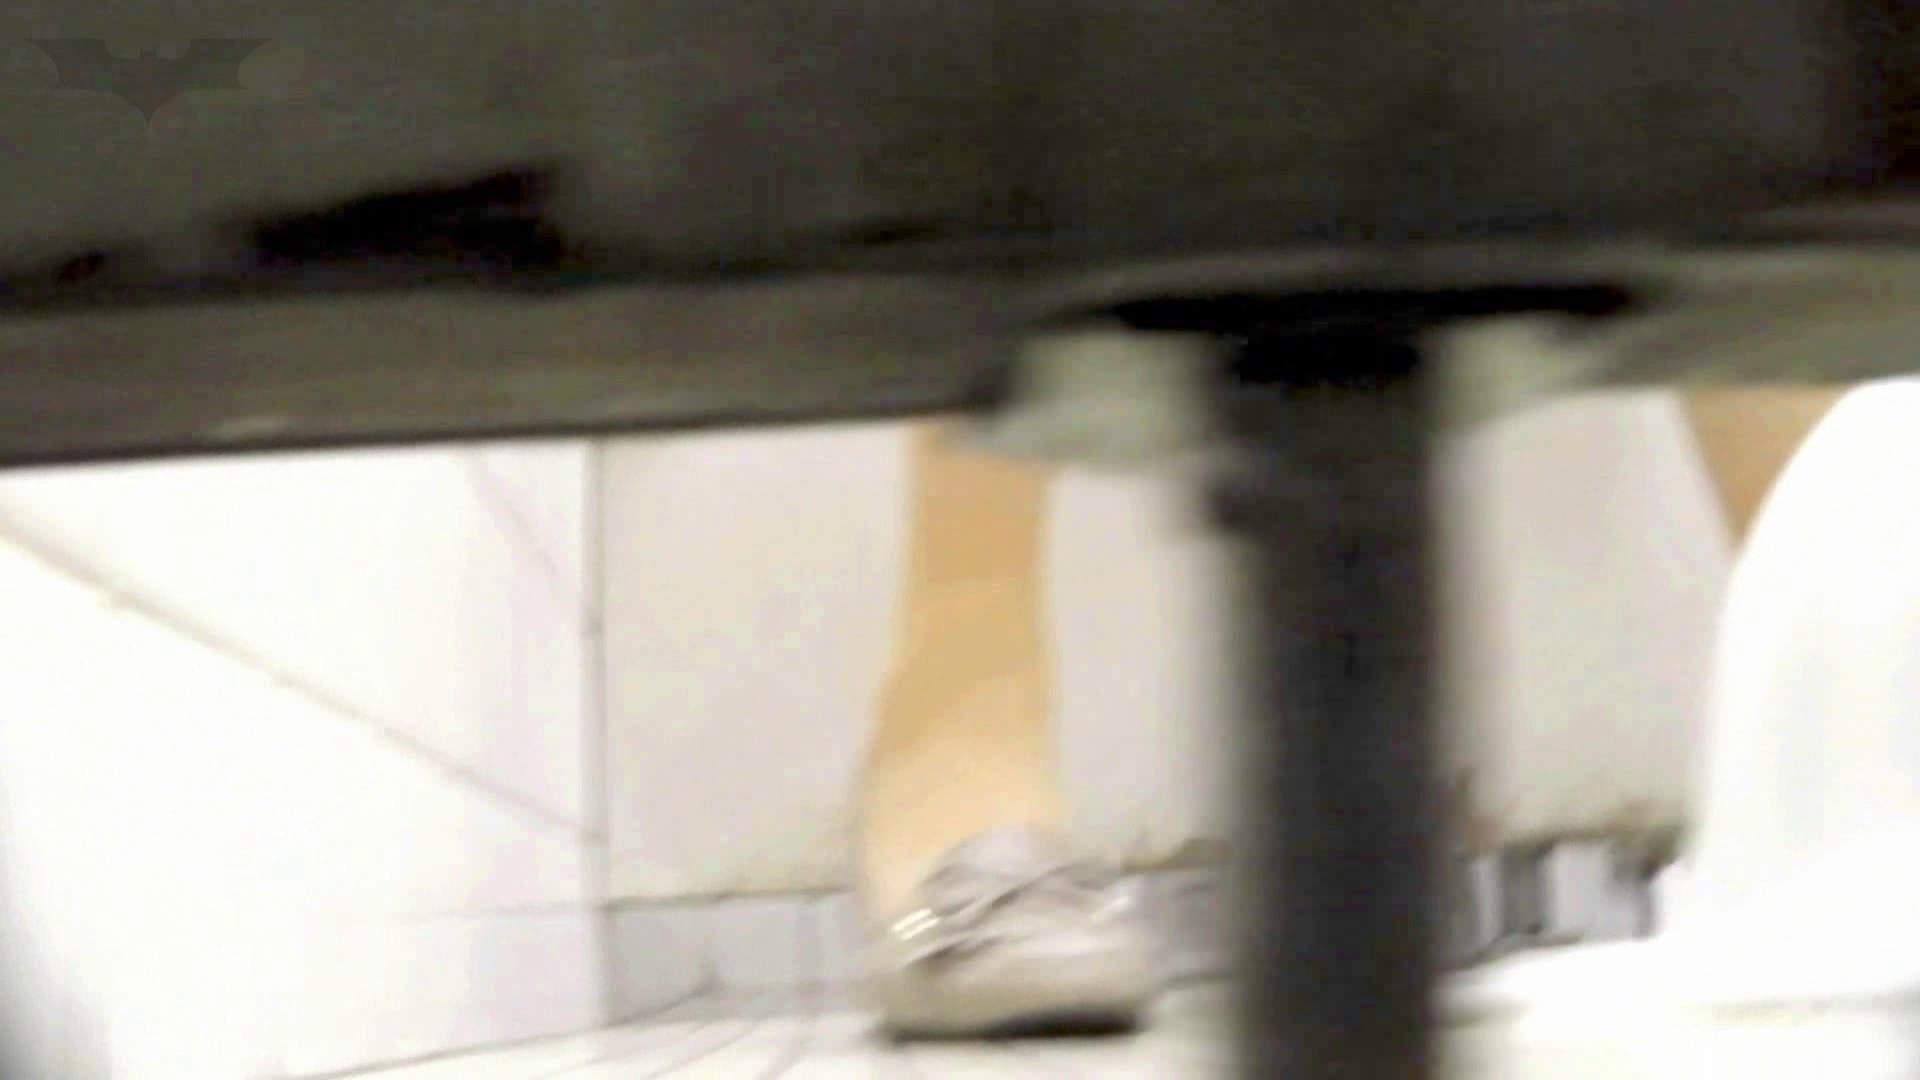 洗面所特攻隊 vol.74 last 2総勢16名激撮【2015・29位】 洗面所 | エッチすぎるOL達  105連発 55